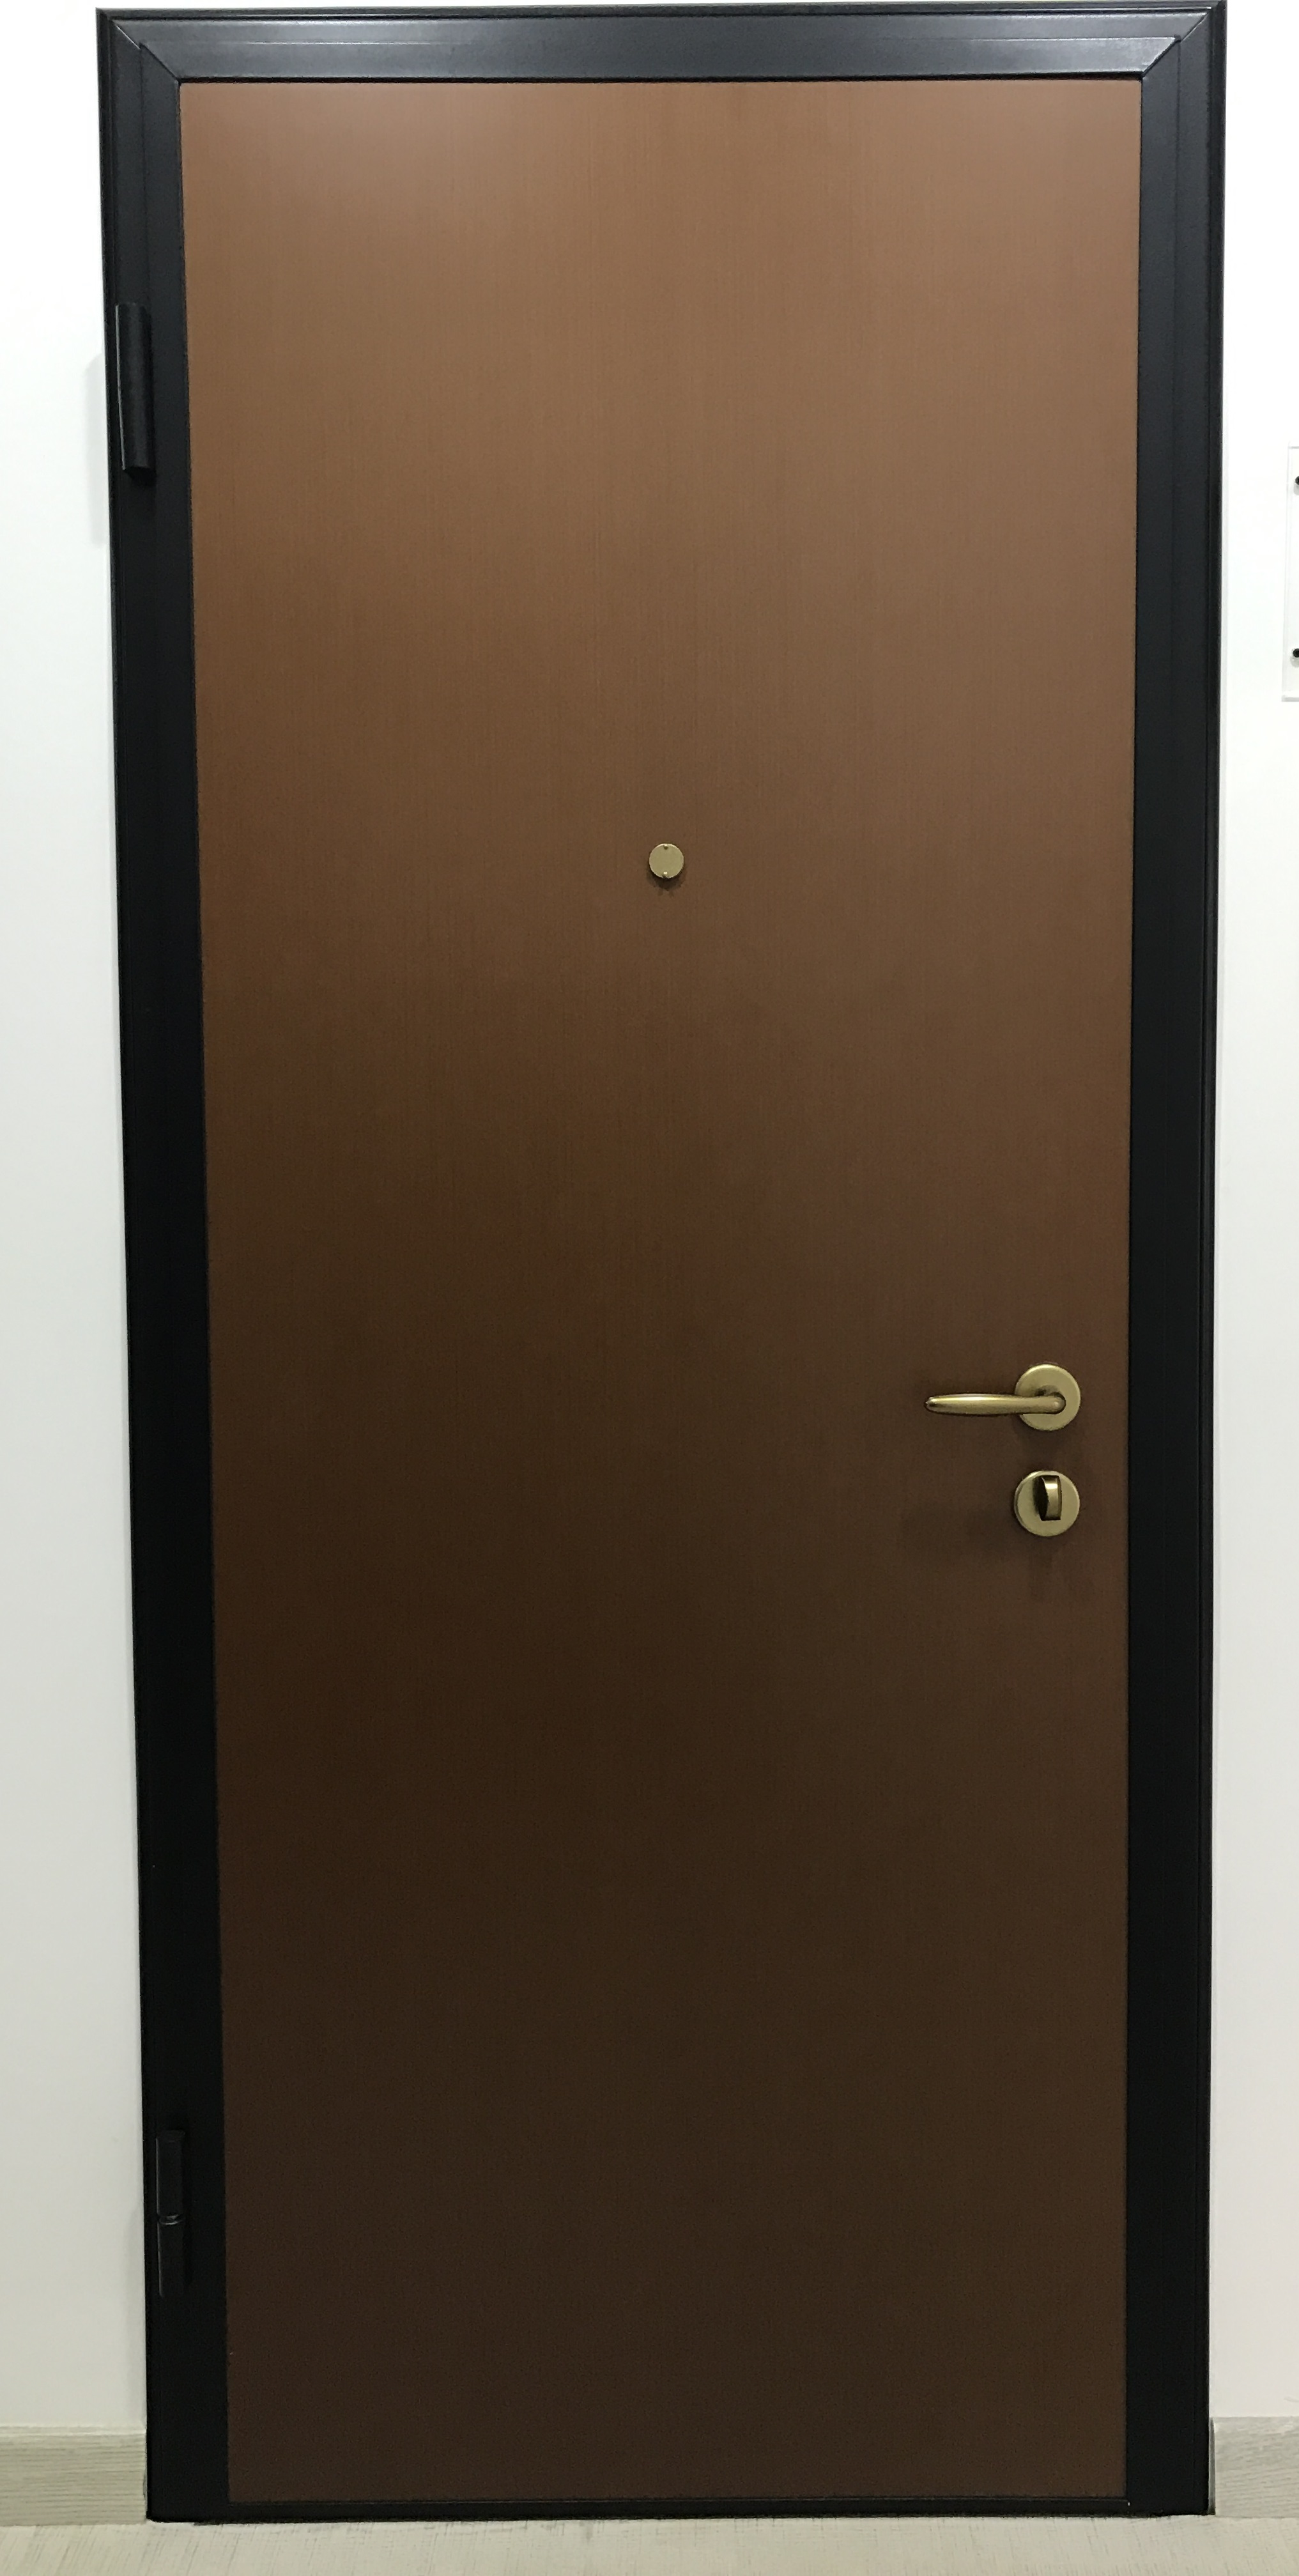 Porta blindata mod iron c di alias maffei sistemi srl for Alias blindate